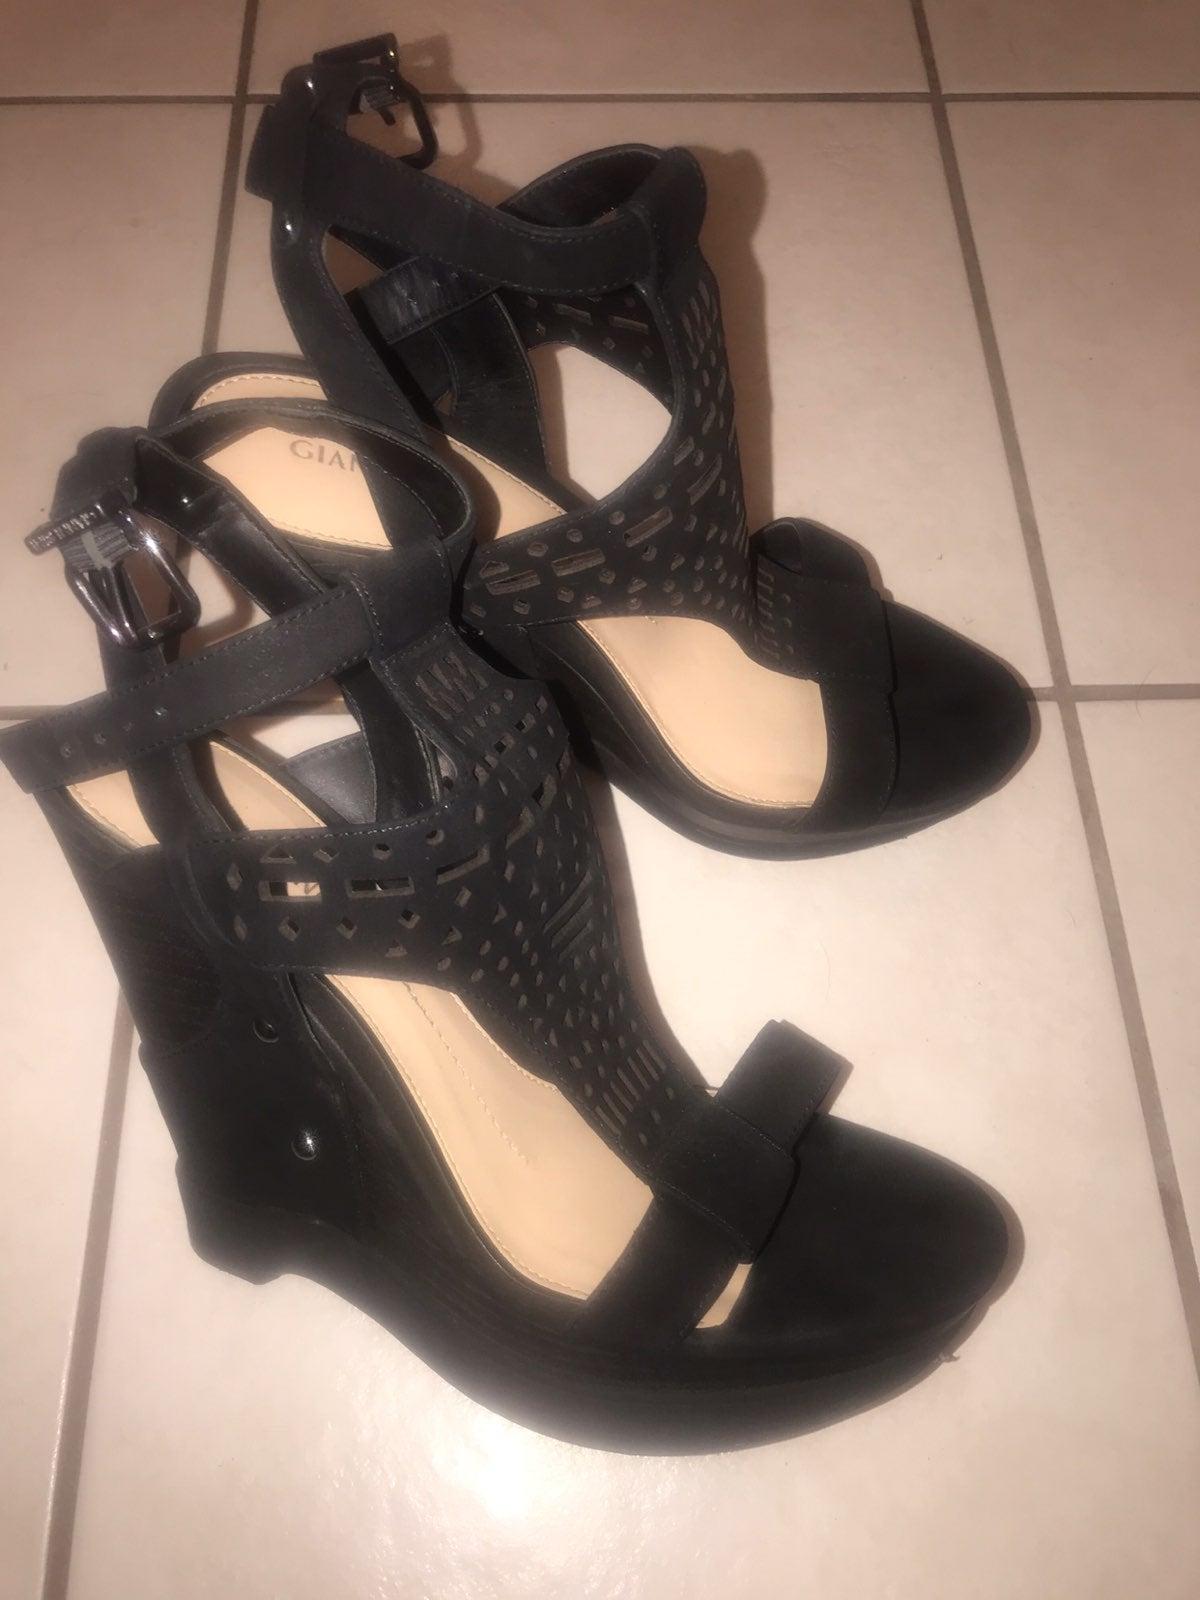 Gianni bini black wedge sandals